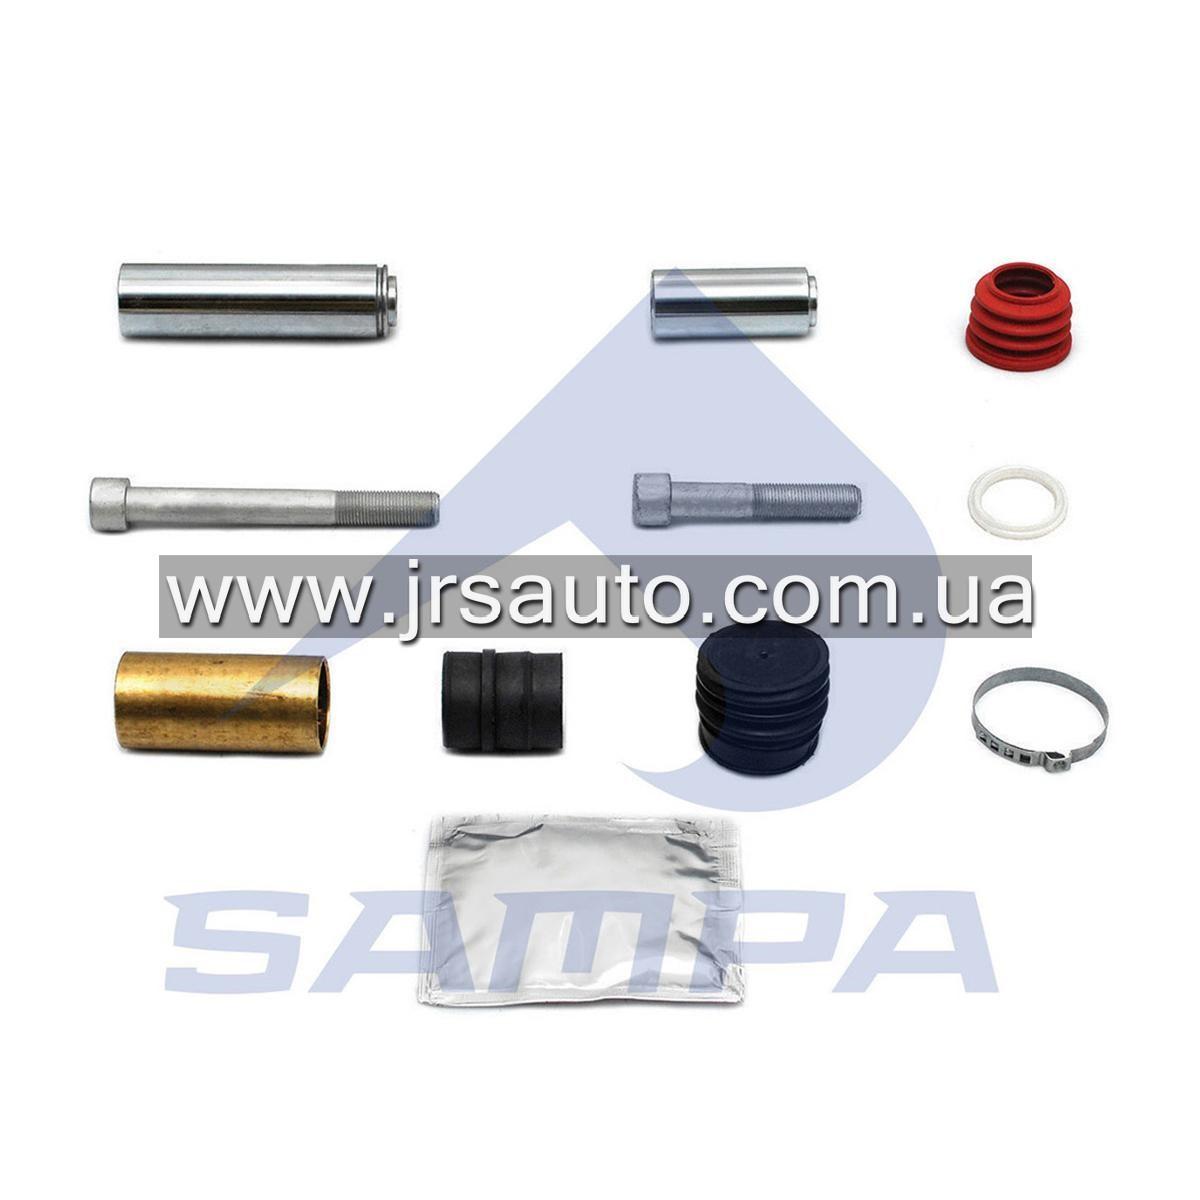 Ремкомплект суппорта KNORR BREMSE \K000132 \ 095.649